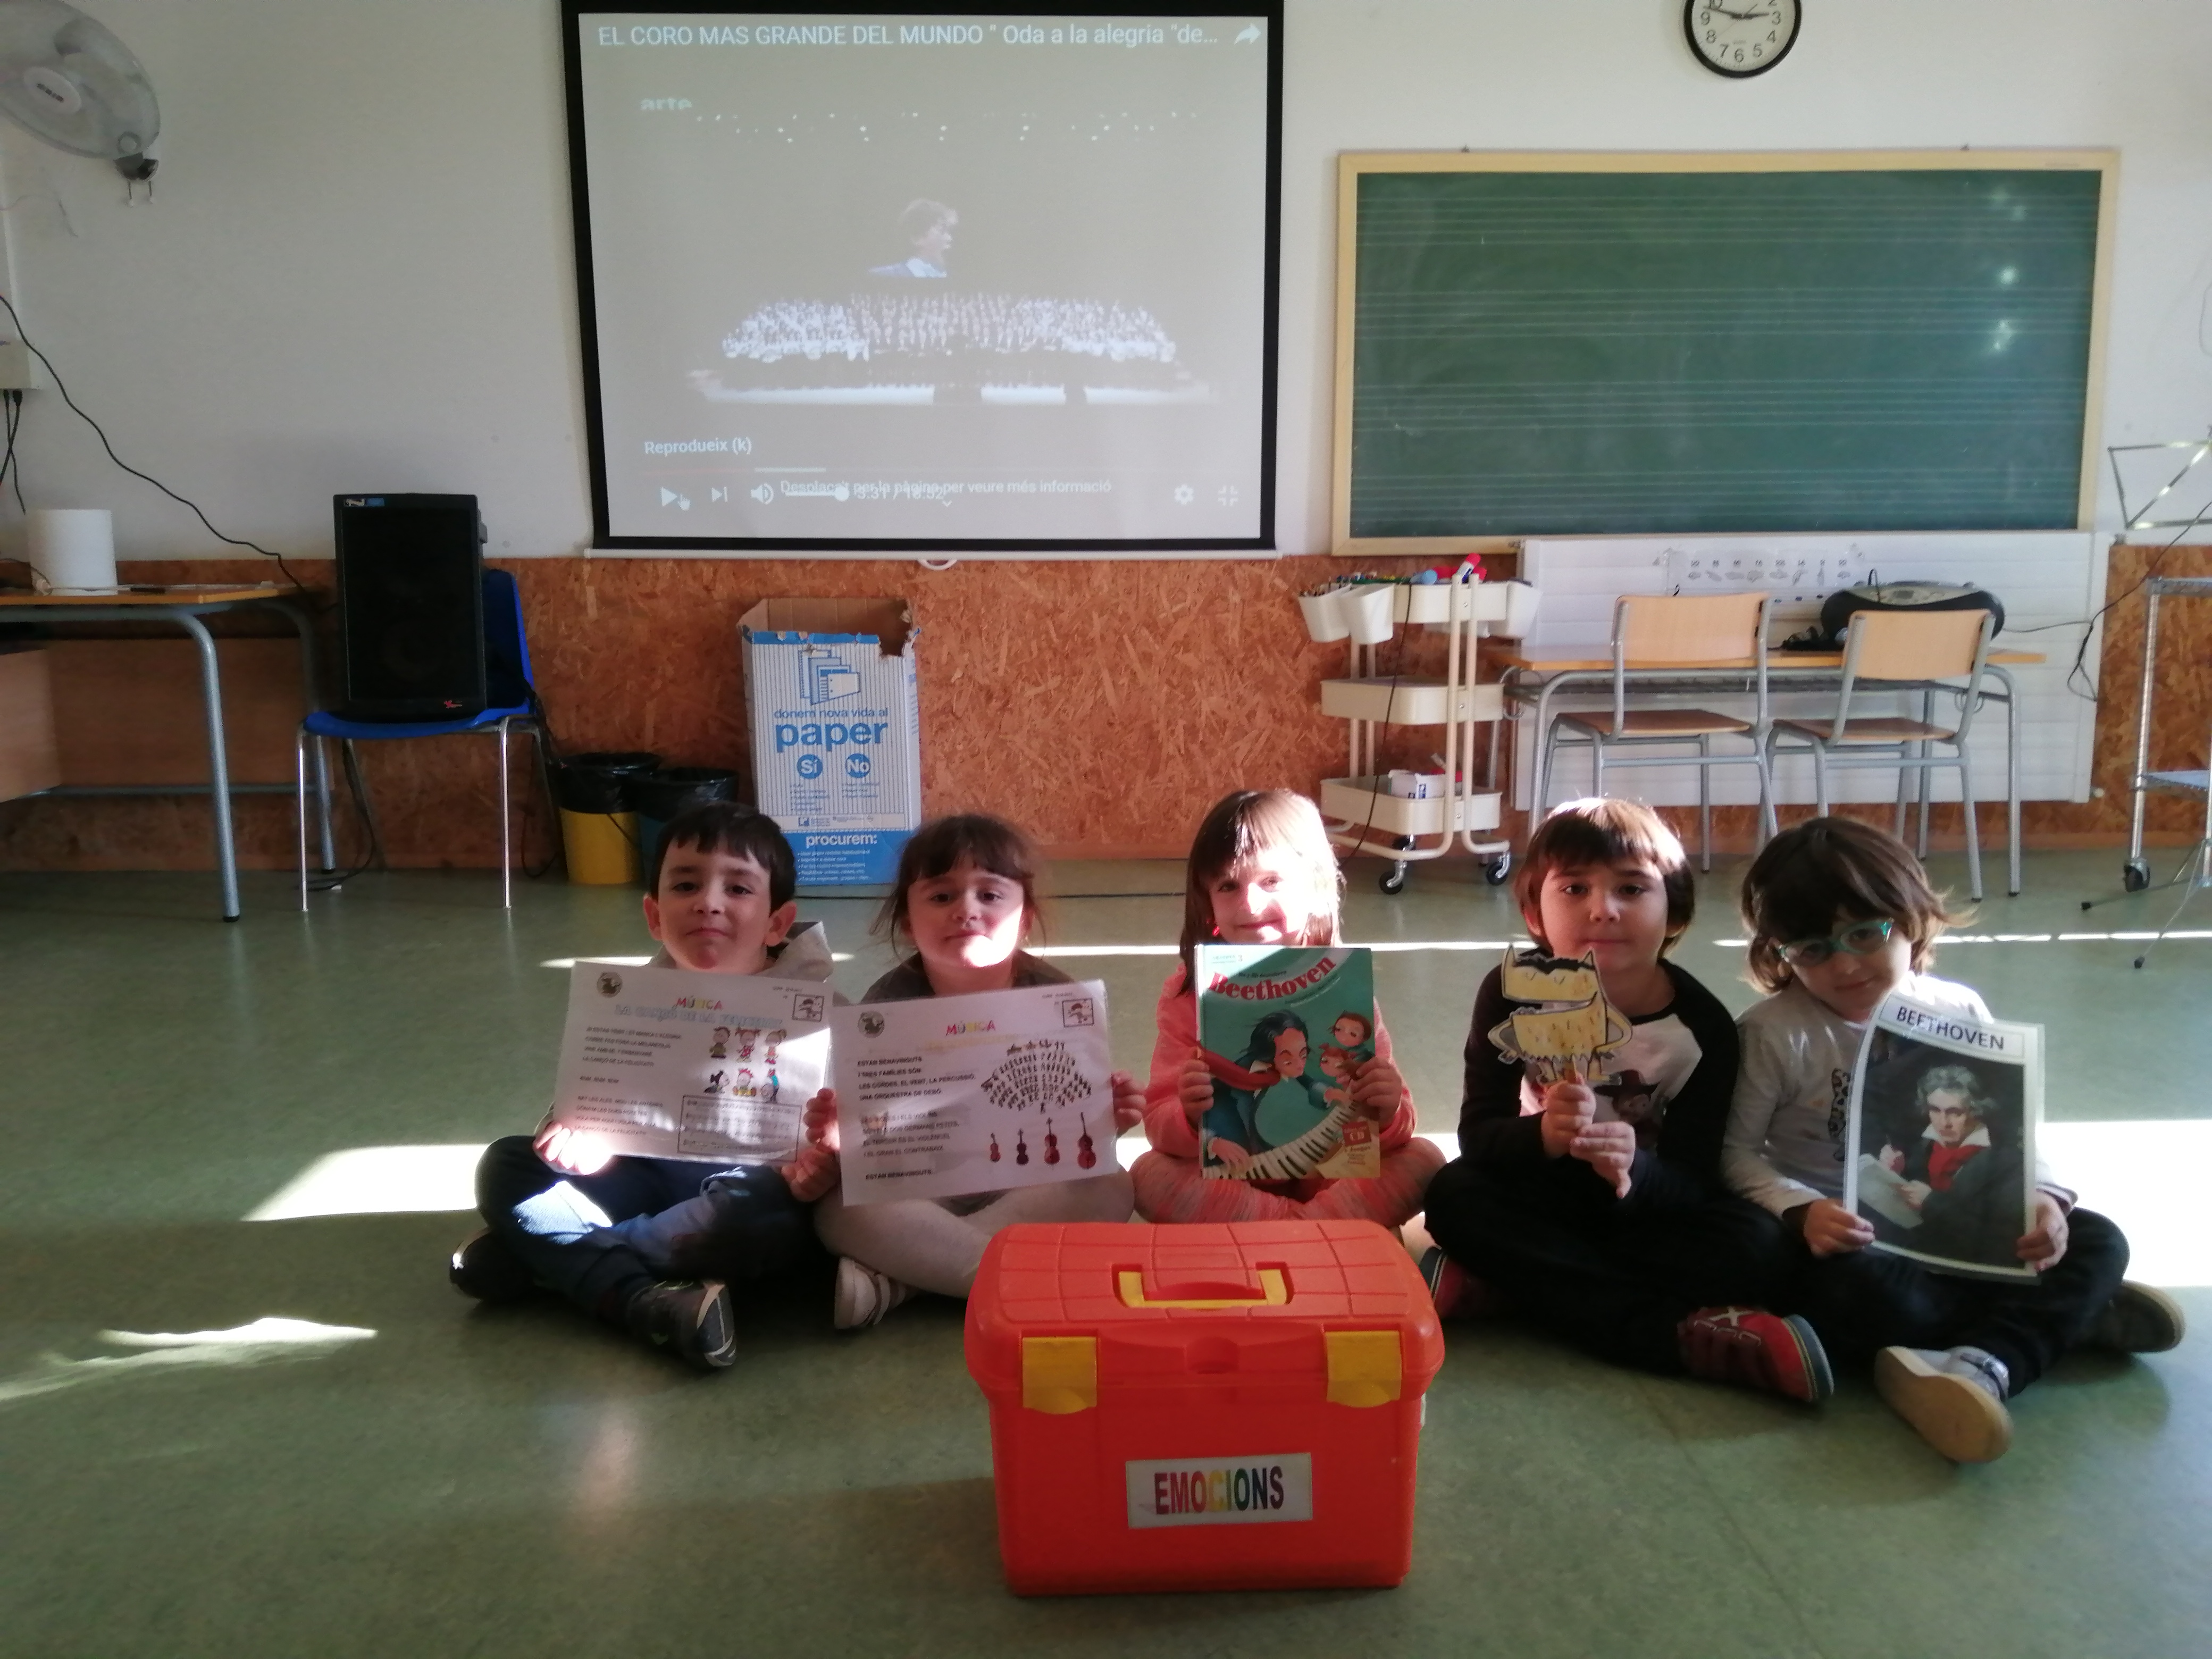 LES EMOCIONS: L'ALEGRIA